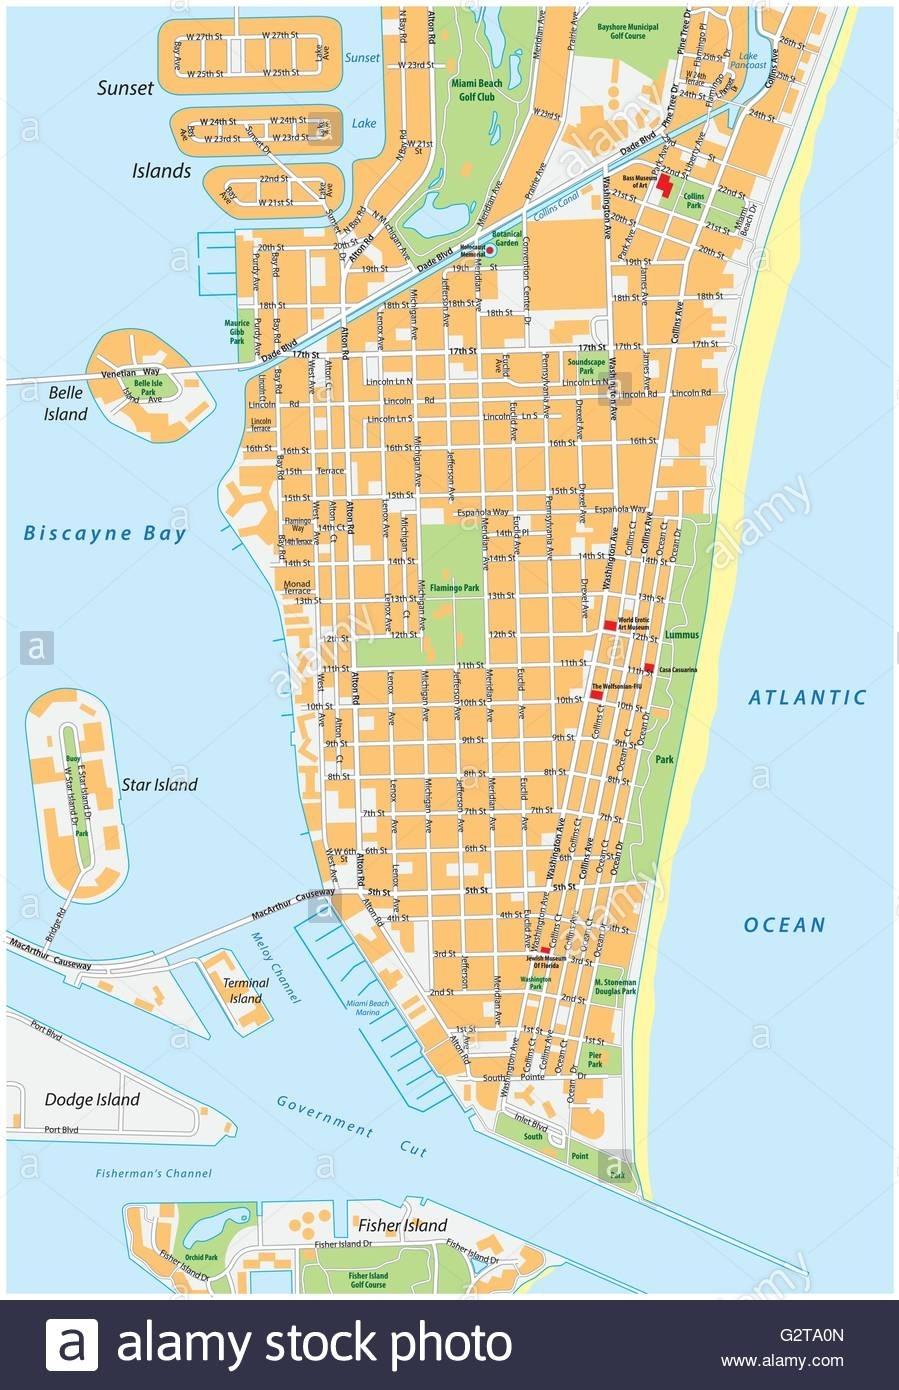 Miami Beach Detailed Vector Street Map With Names, Florida for Mapa De Miami Beach